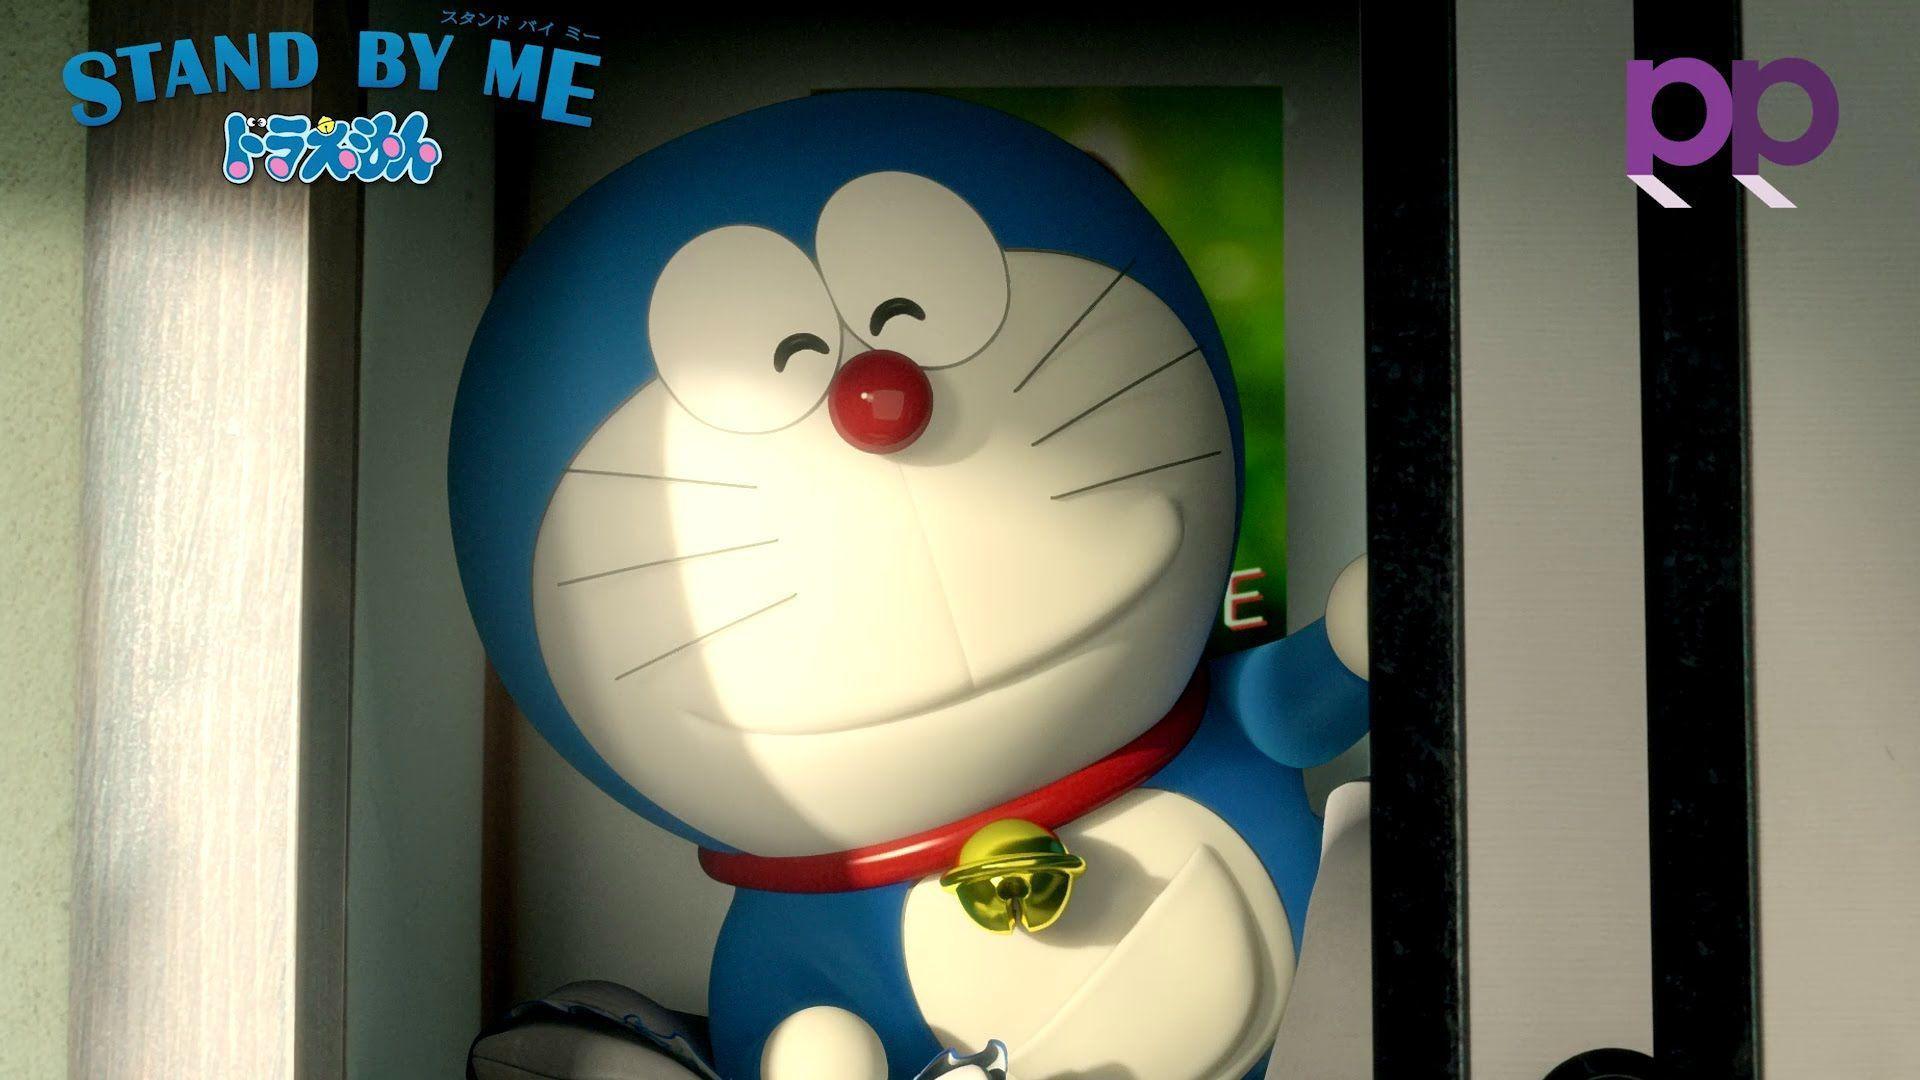 Stand By Me Doraemon 3d Wallpaper Doraemon 3d Wallpapers 2017 Wallpaper Cave